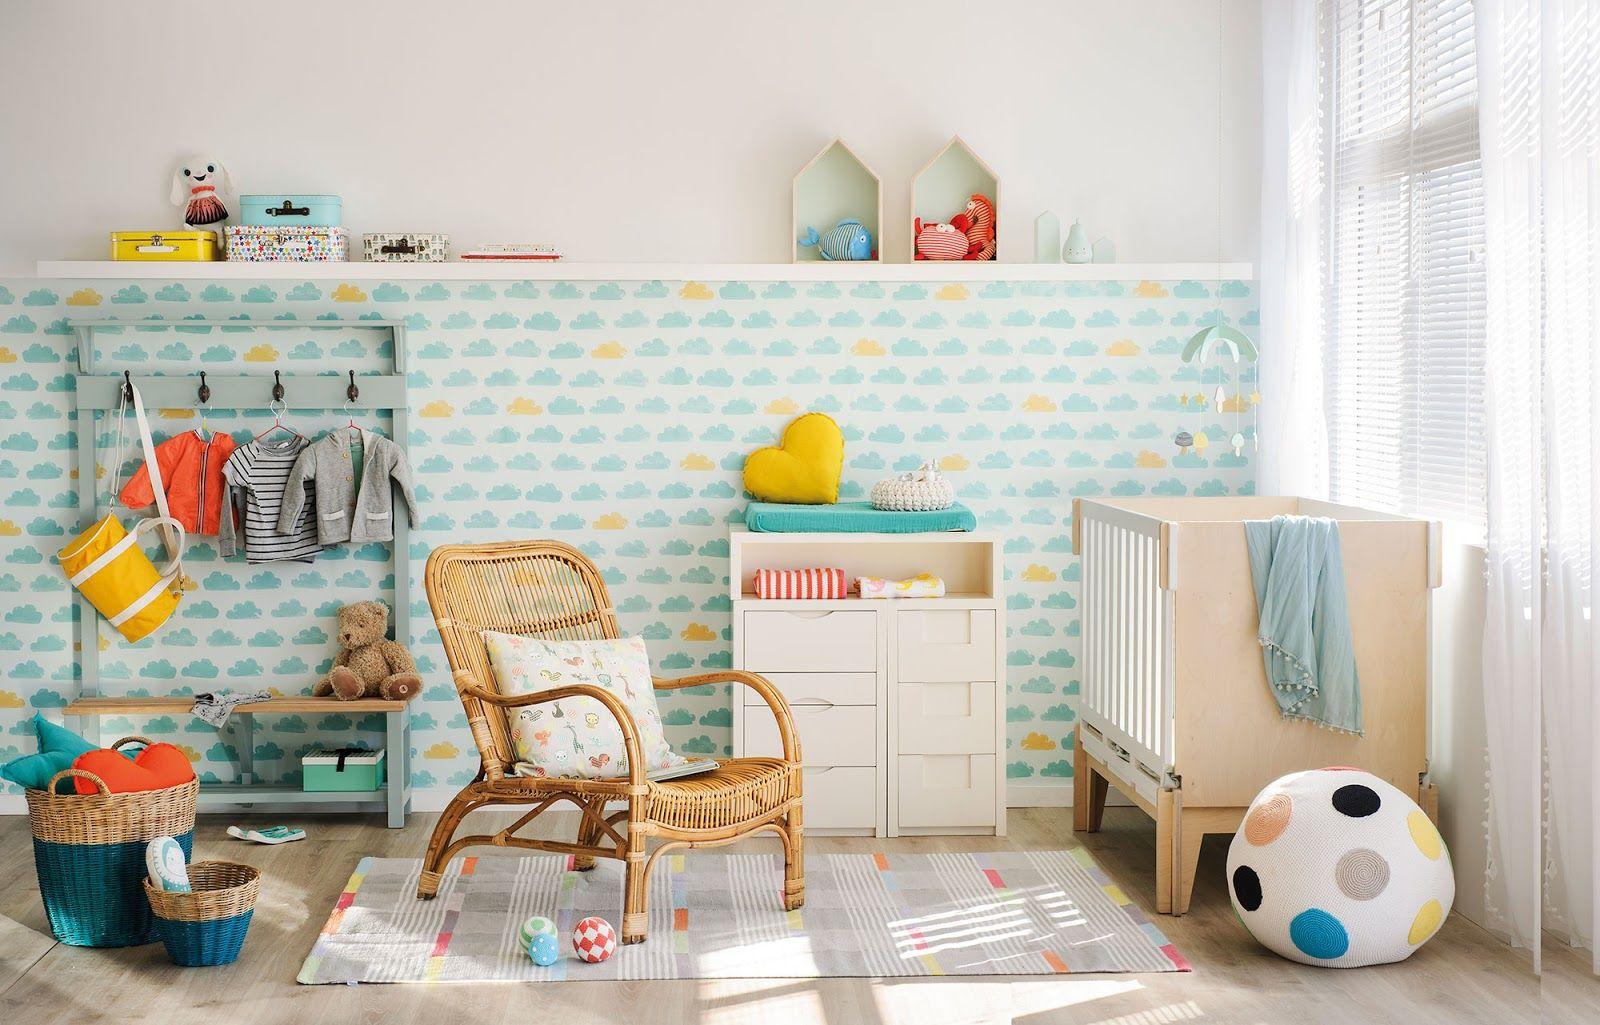 Amenajare Camera Montessori : Amenajare colorată și veselă pentru camera unui bebeluș kids rooms